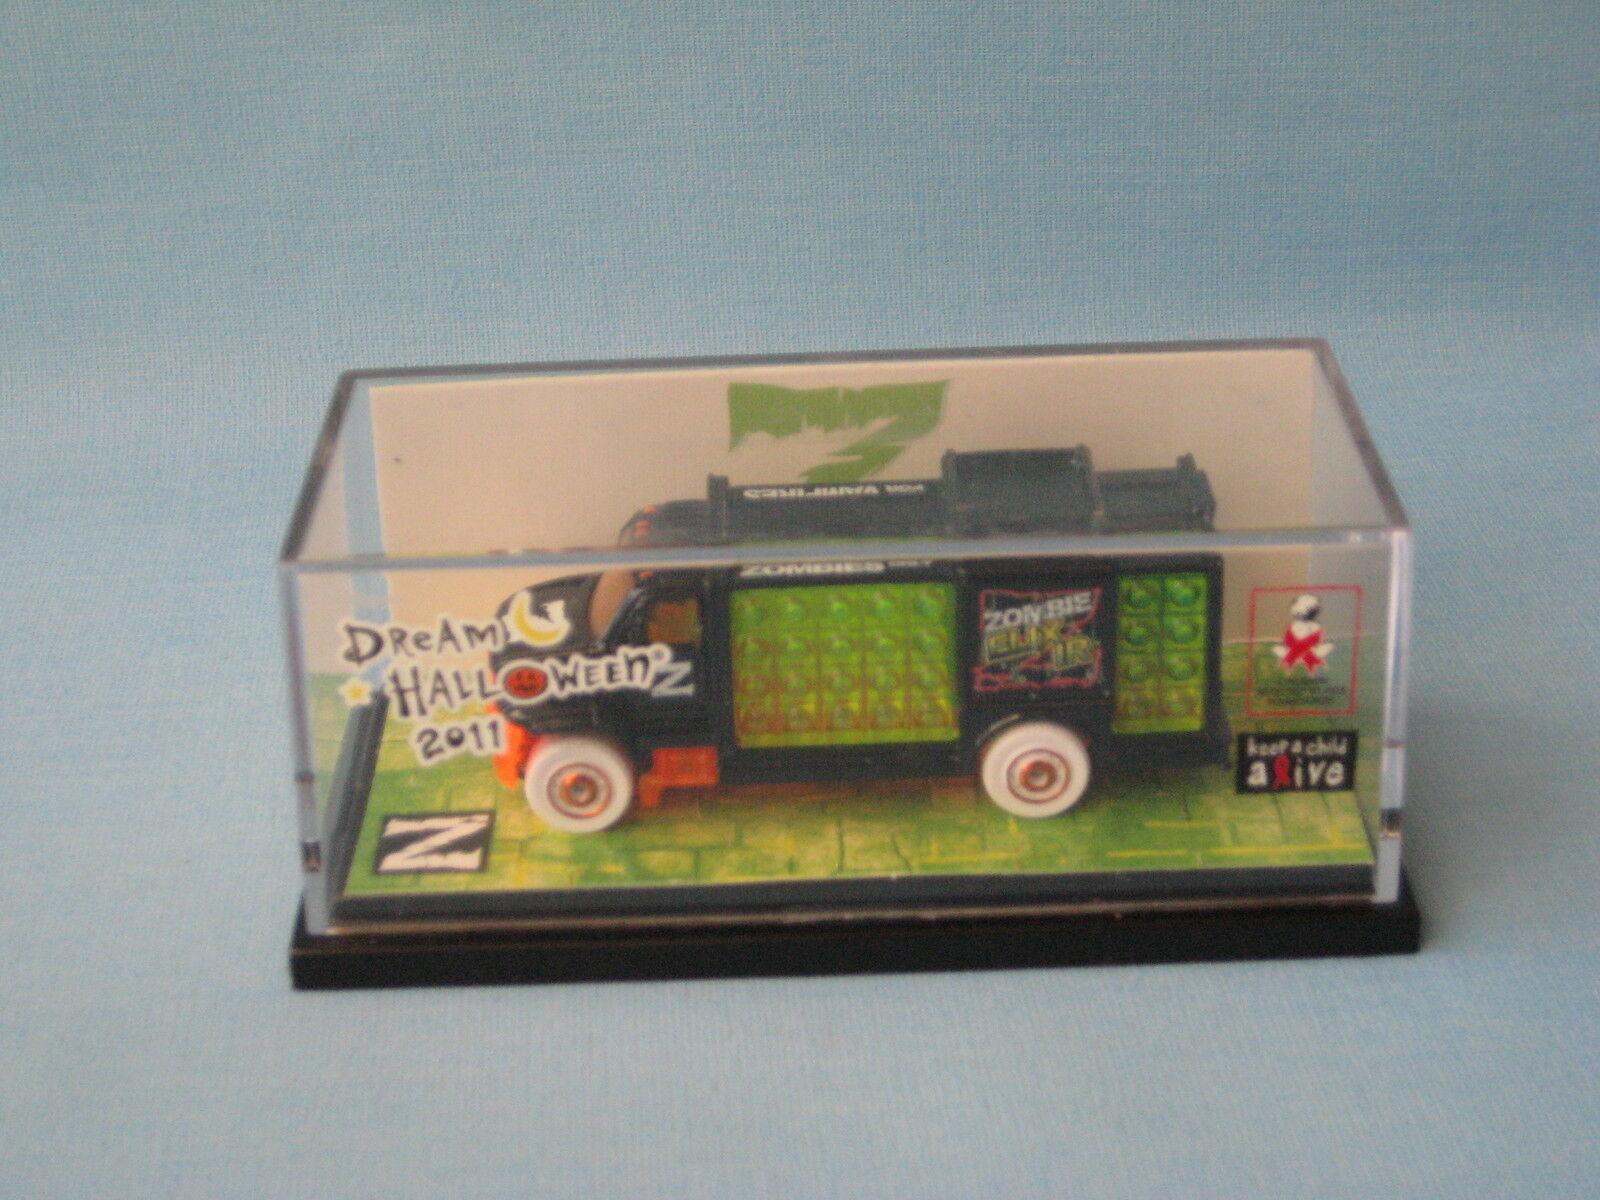 Matchbox Aqua bebidas camión de reparto sueño Halloween 2011 Bola raro problema de EE. UU.